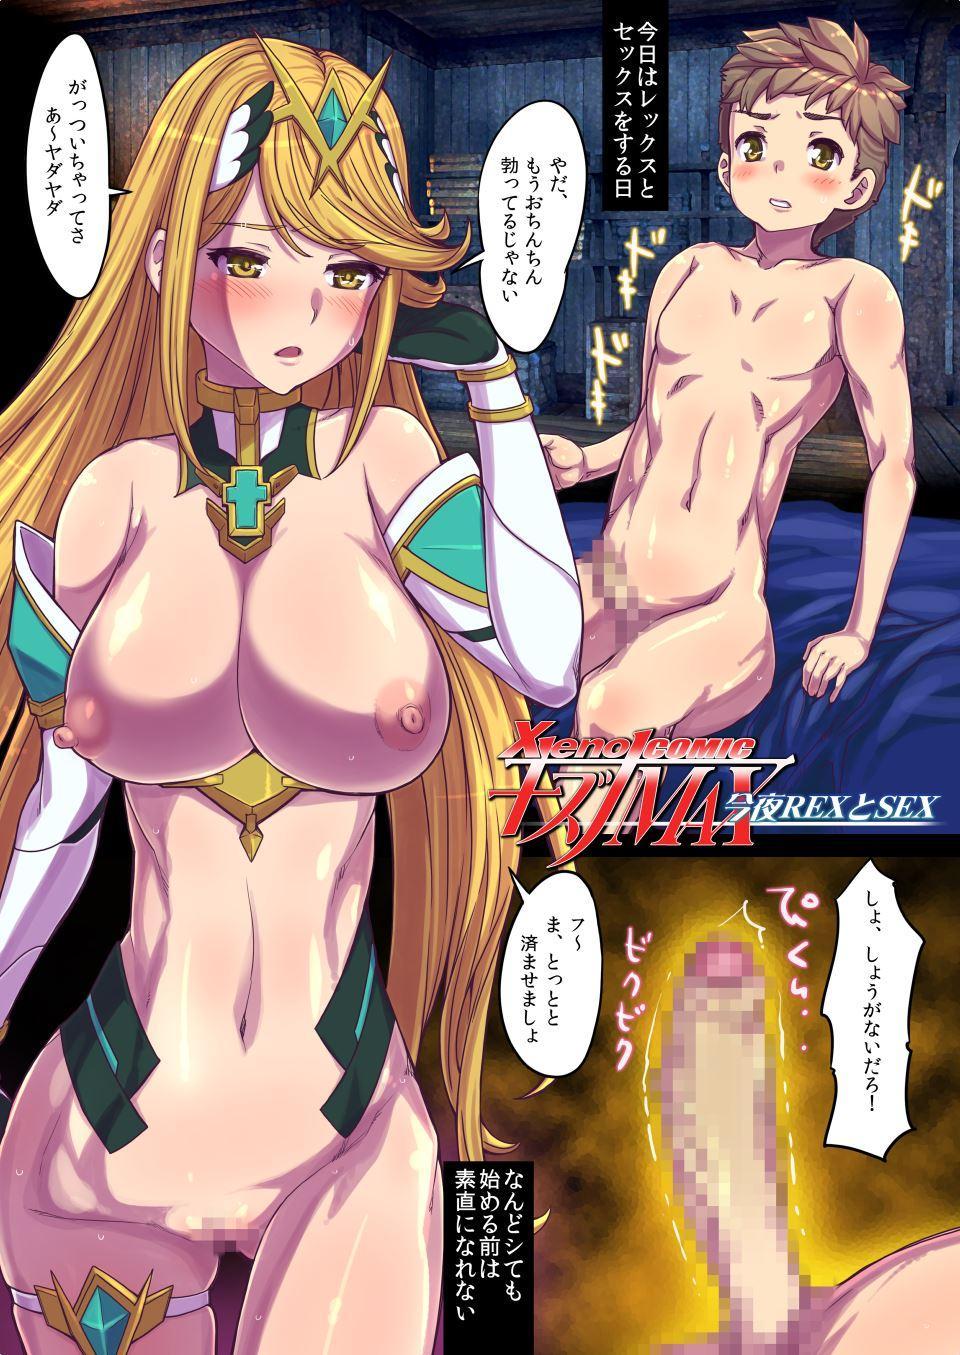 XENOCOMIC Kizuna MAX 26